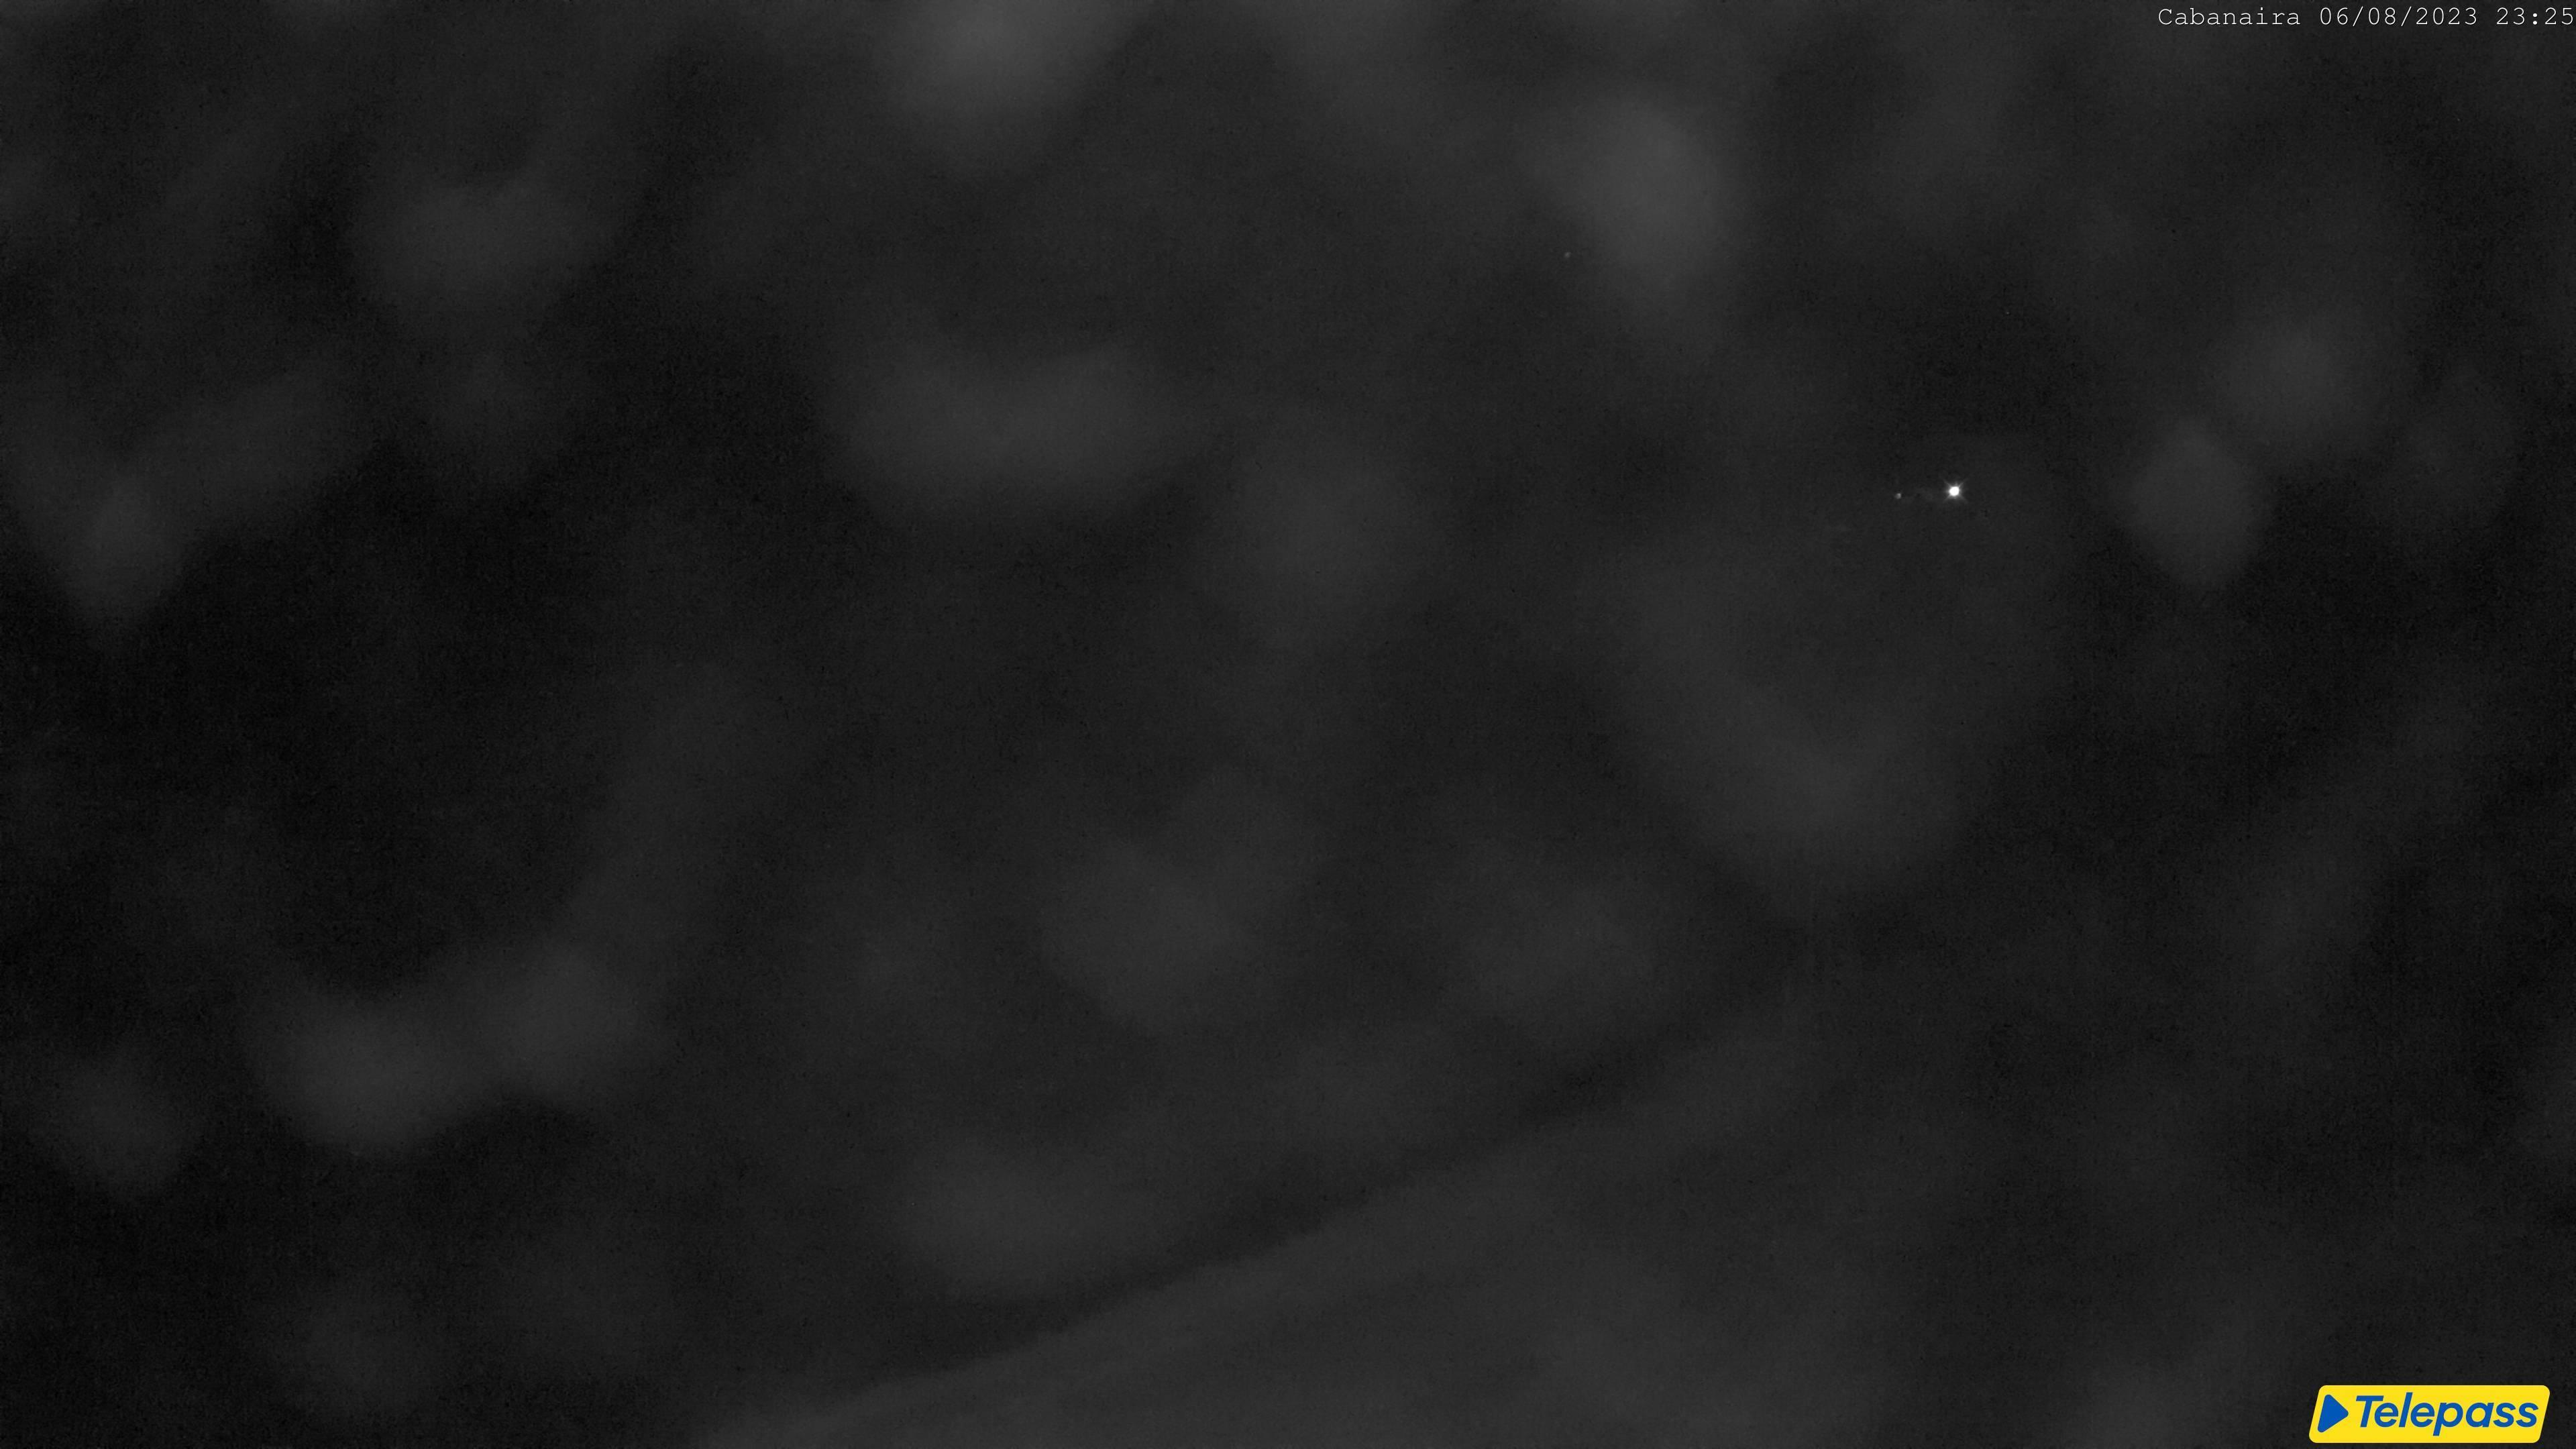 Limone - Cabanaira